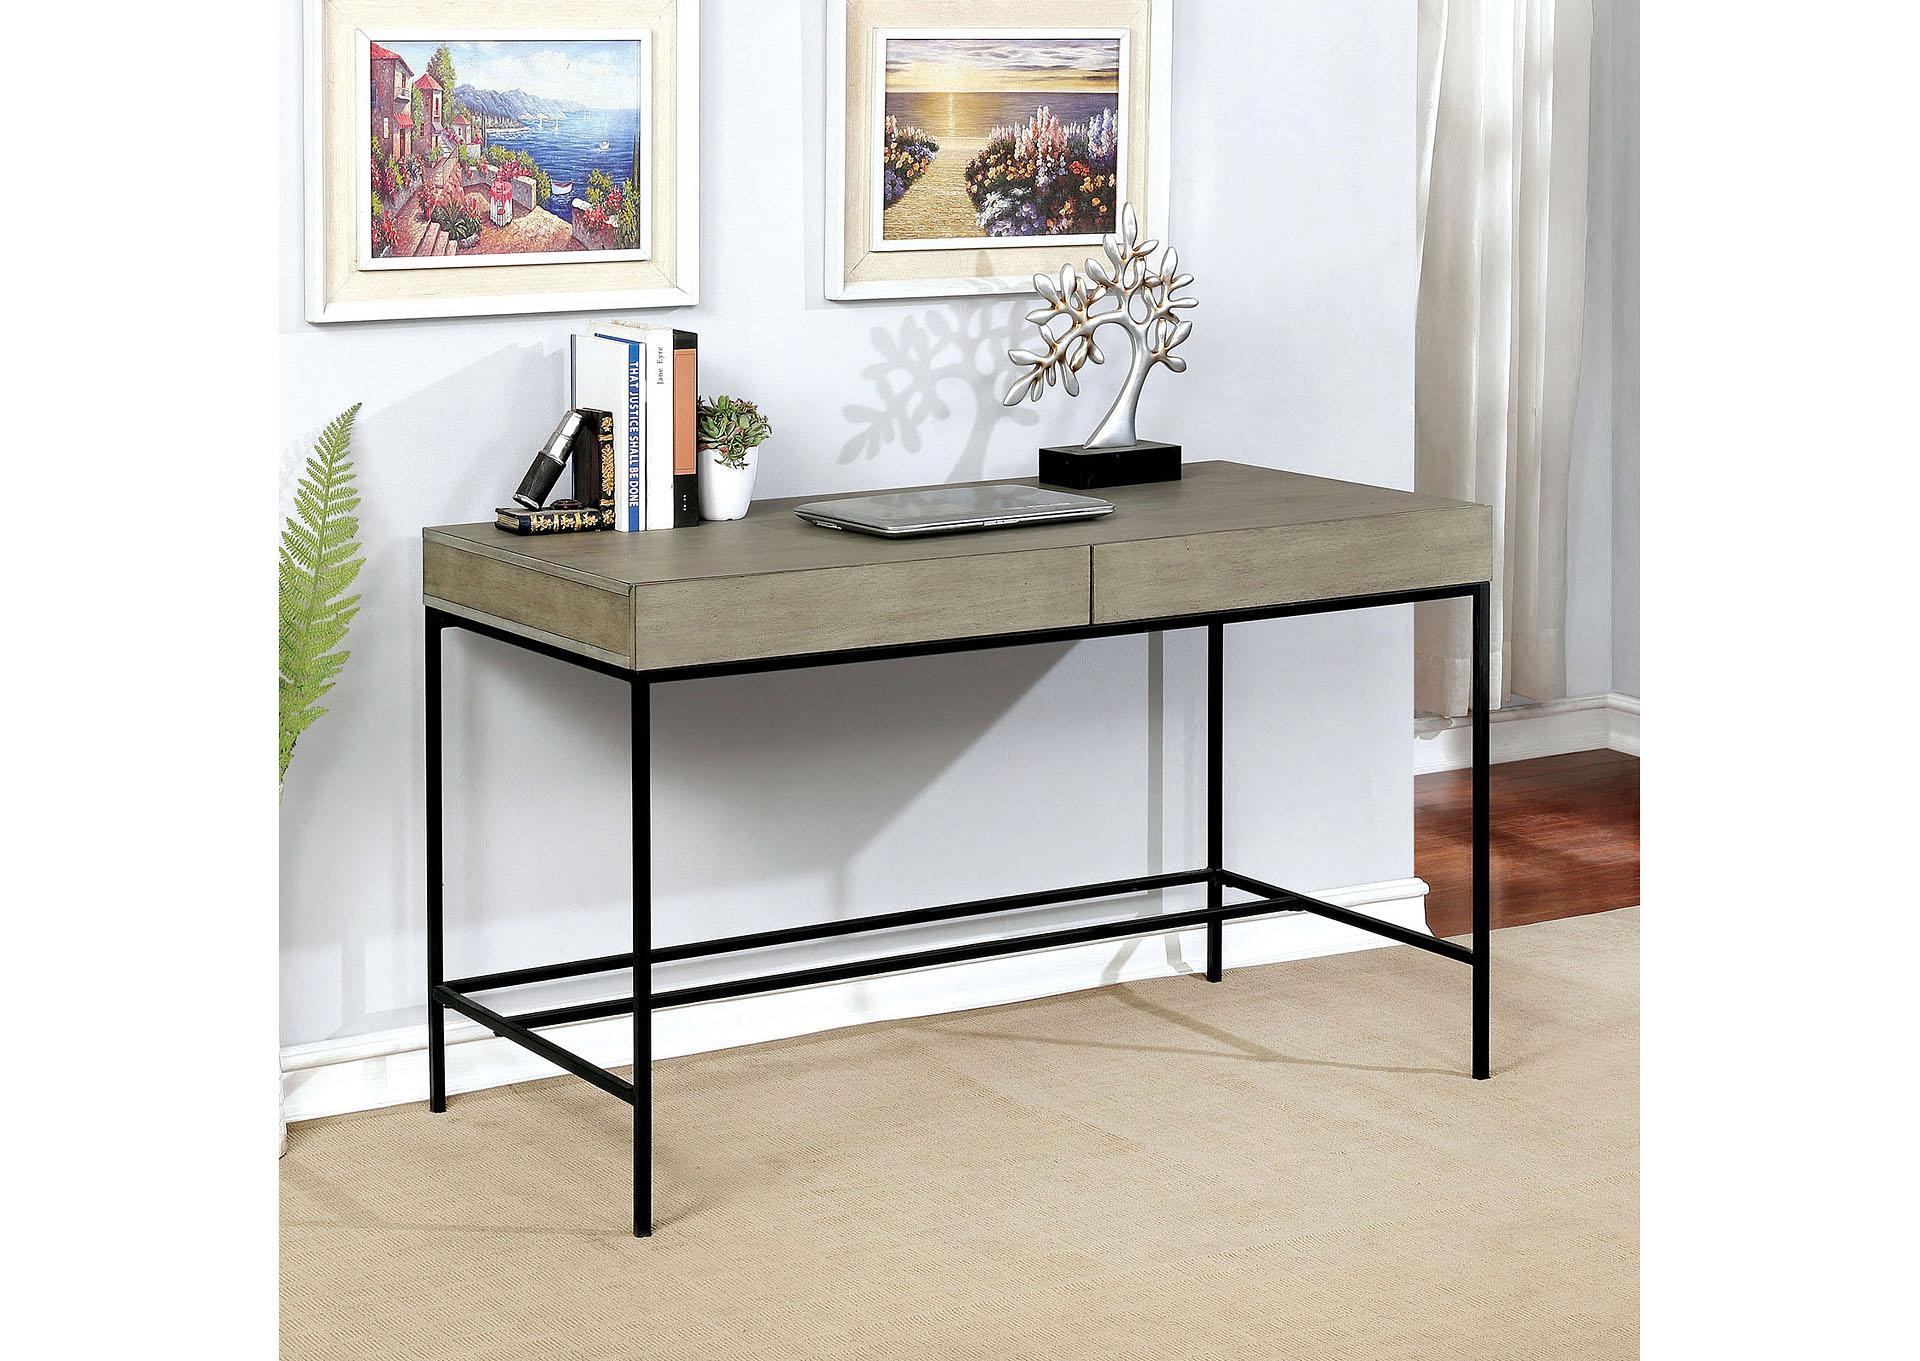 Ideal Furniture Austell Twain Light Gray Desk W Hidden Drawer